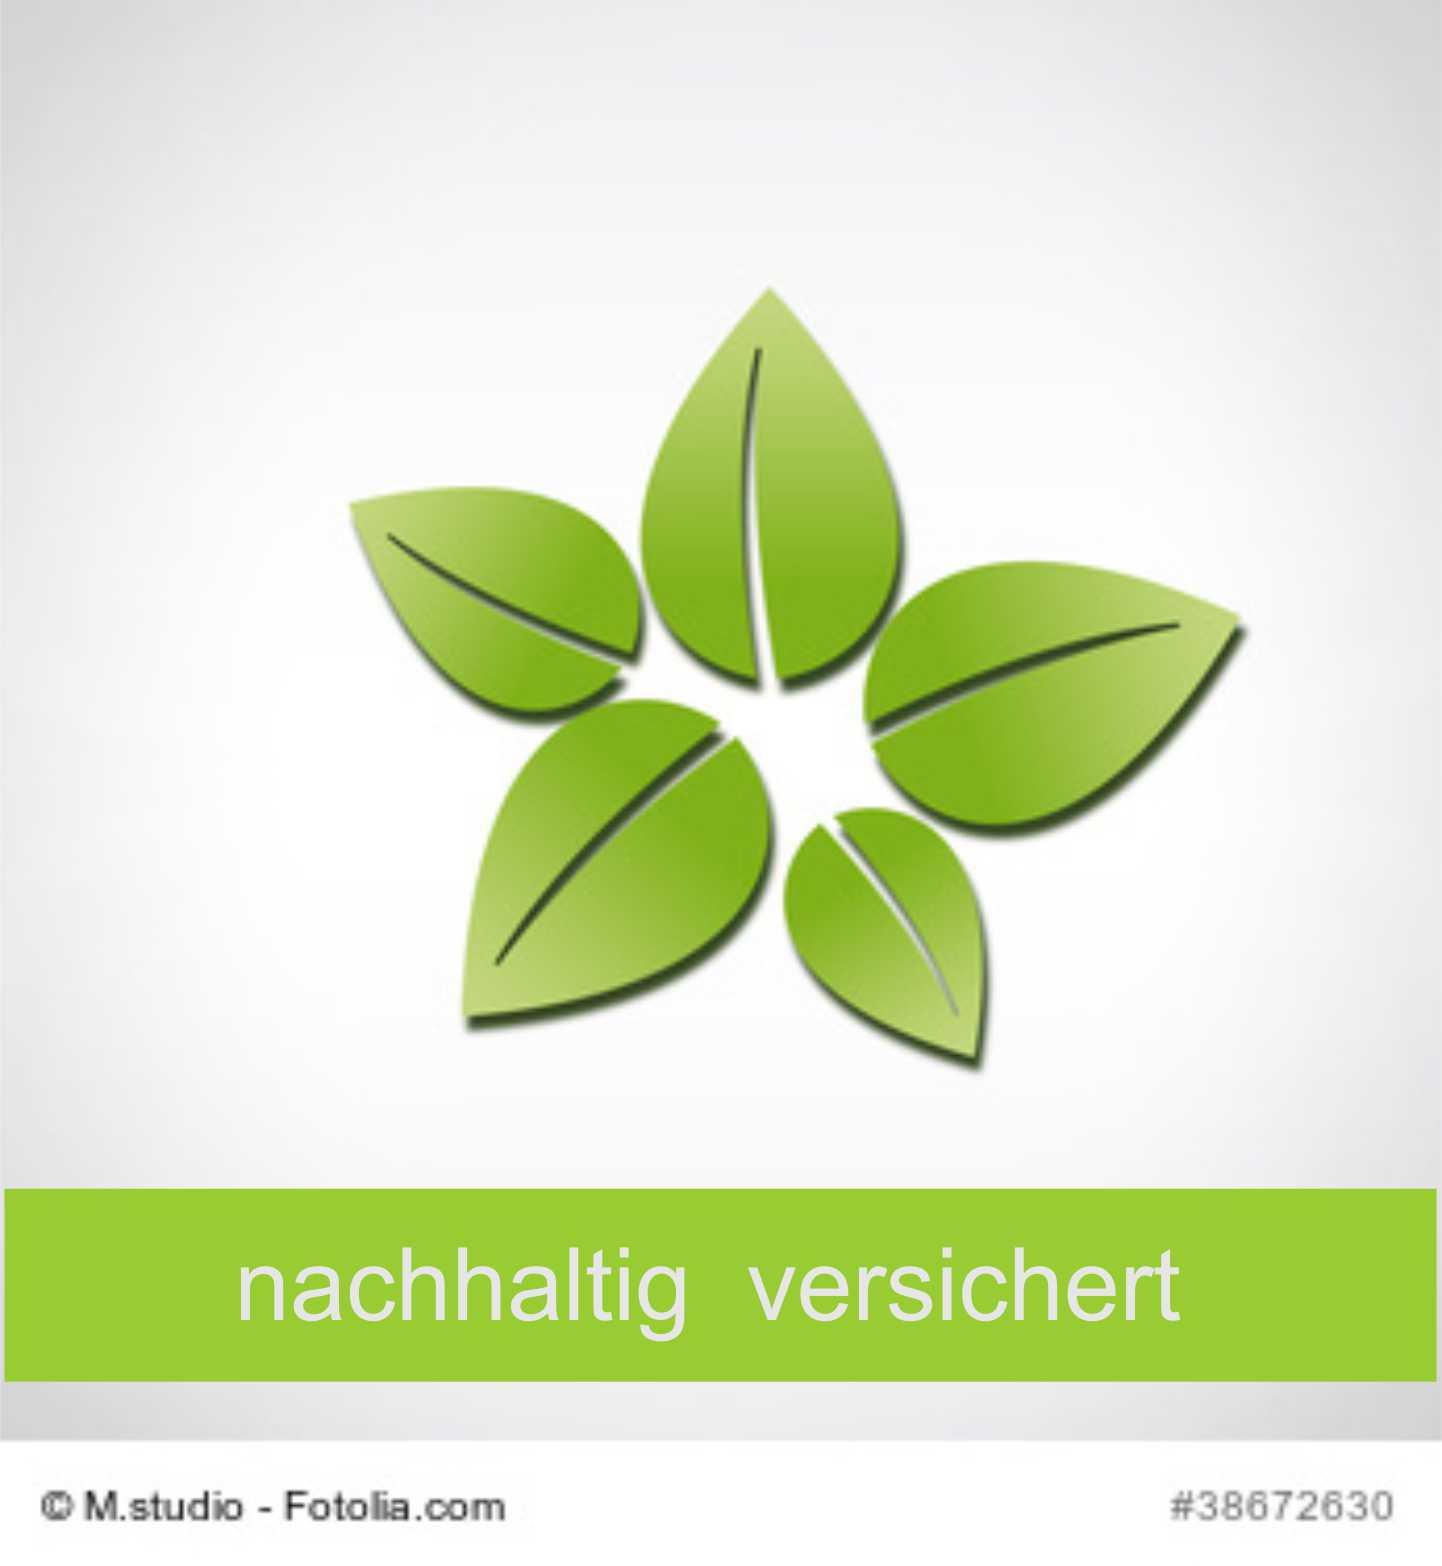 nachhaltig1